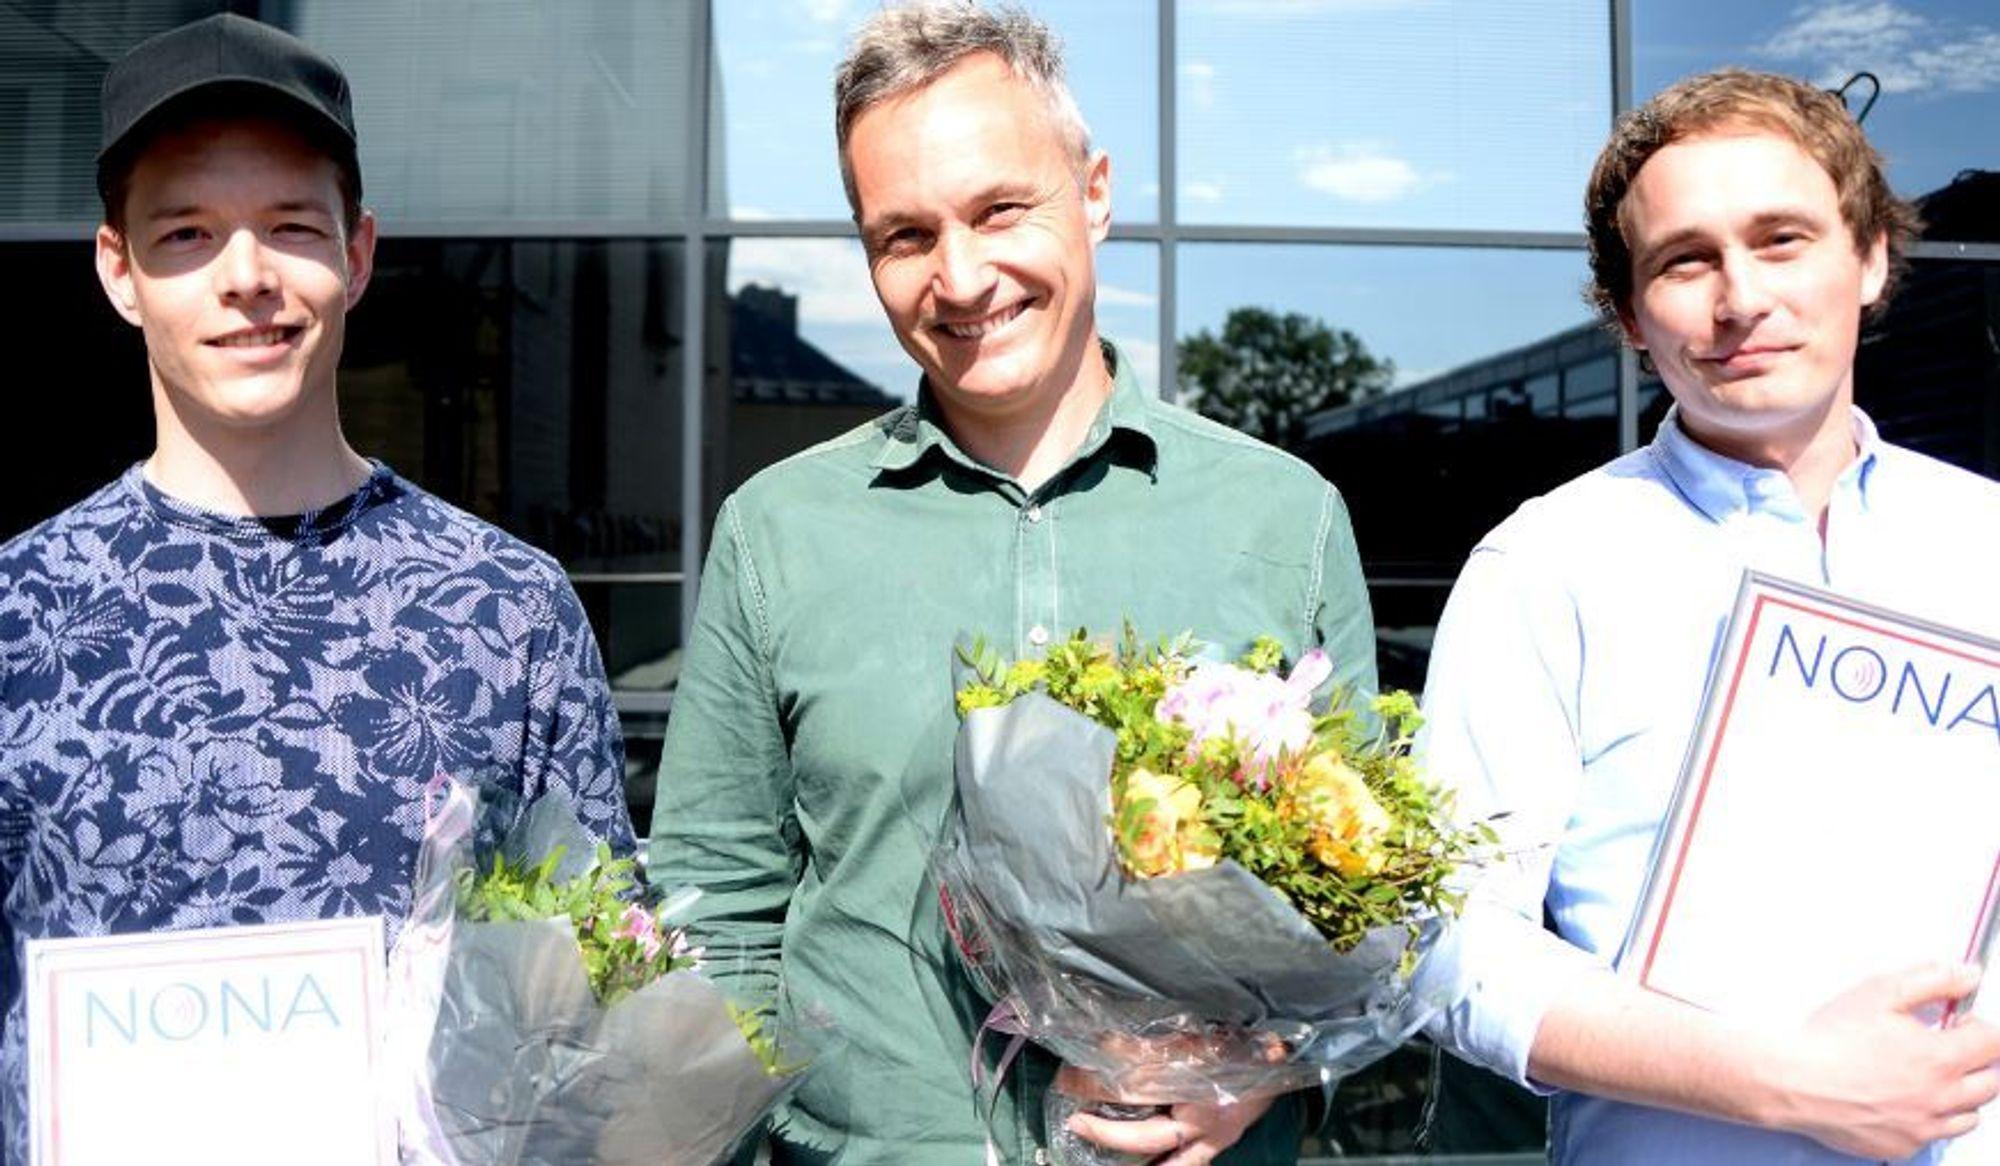 TU vant to av tre priser for god nettjournalistikk: Fra venstre: Einar Otto Stangvik, VG, TU-redaktør Svein-Erik Hole og utvikler Ruben Solvang, Teknisk Ukeblad.